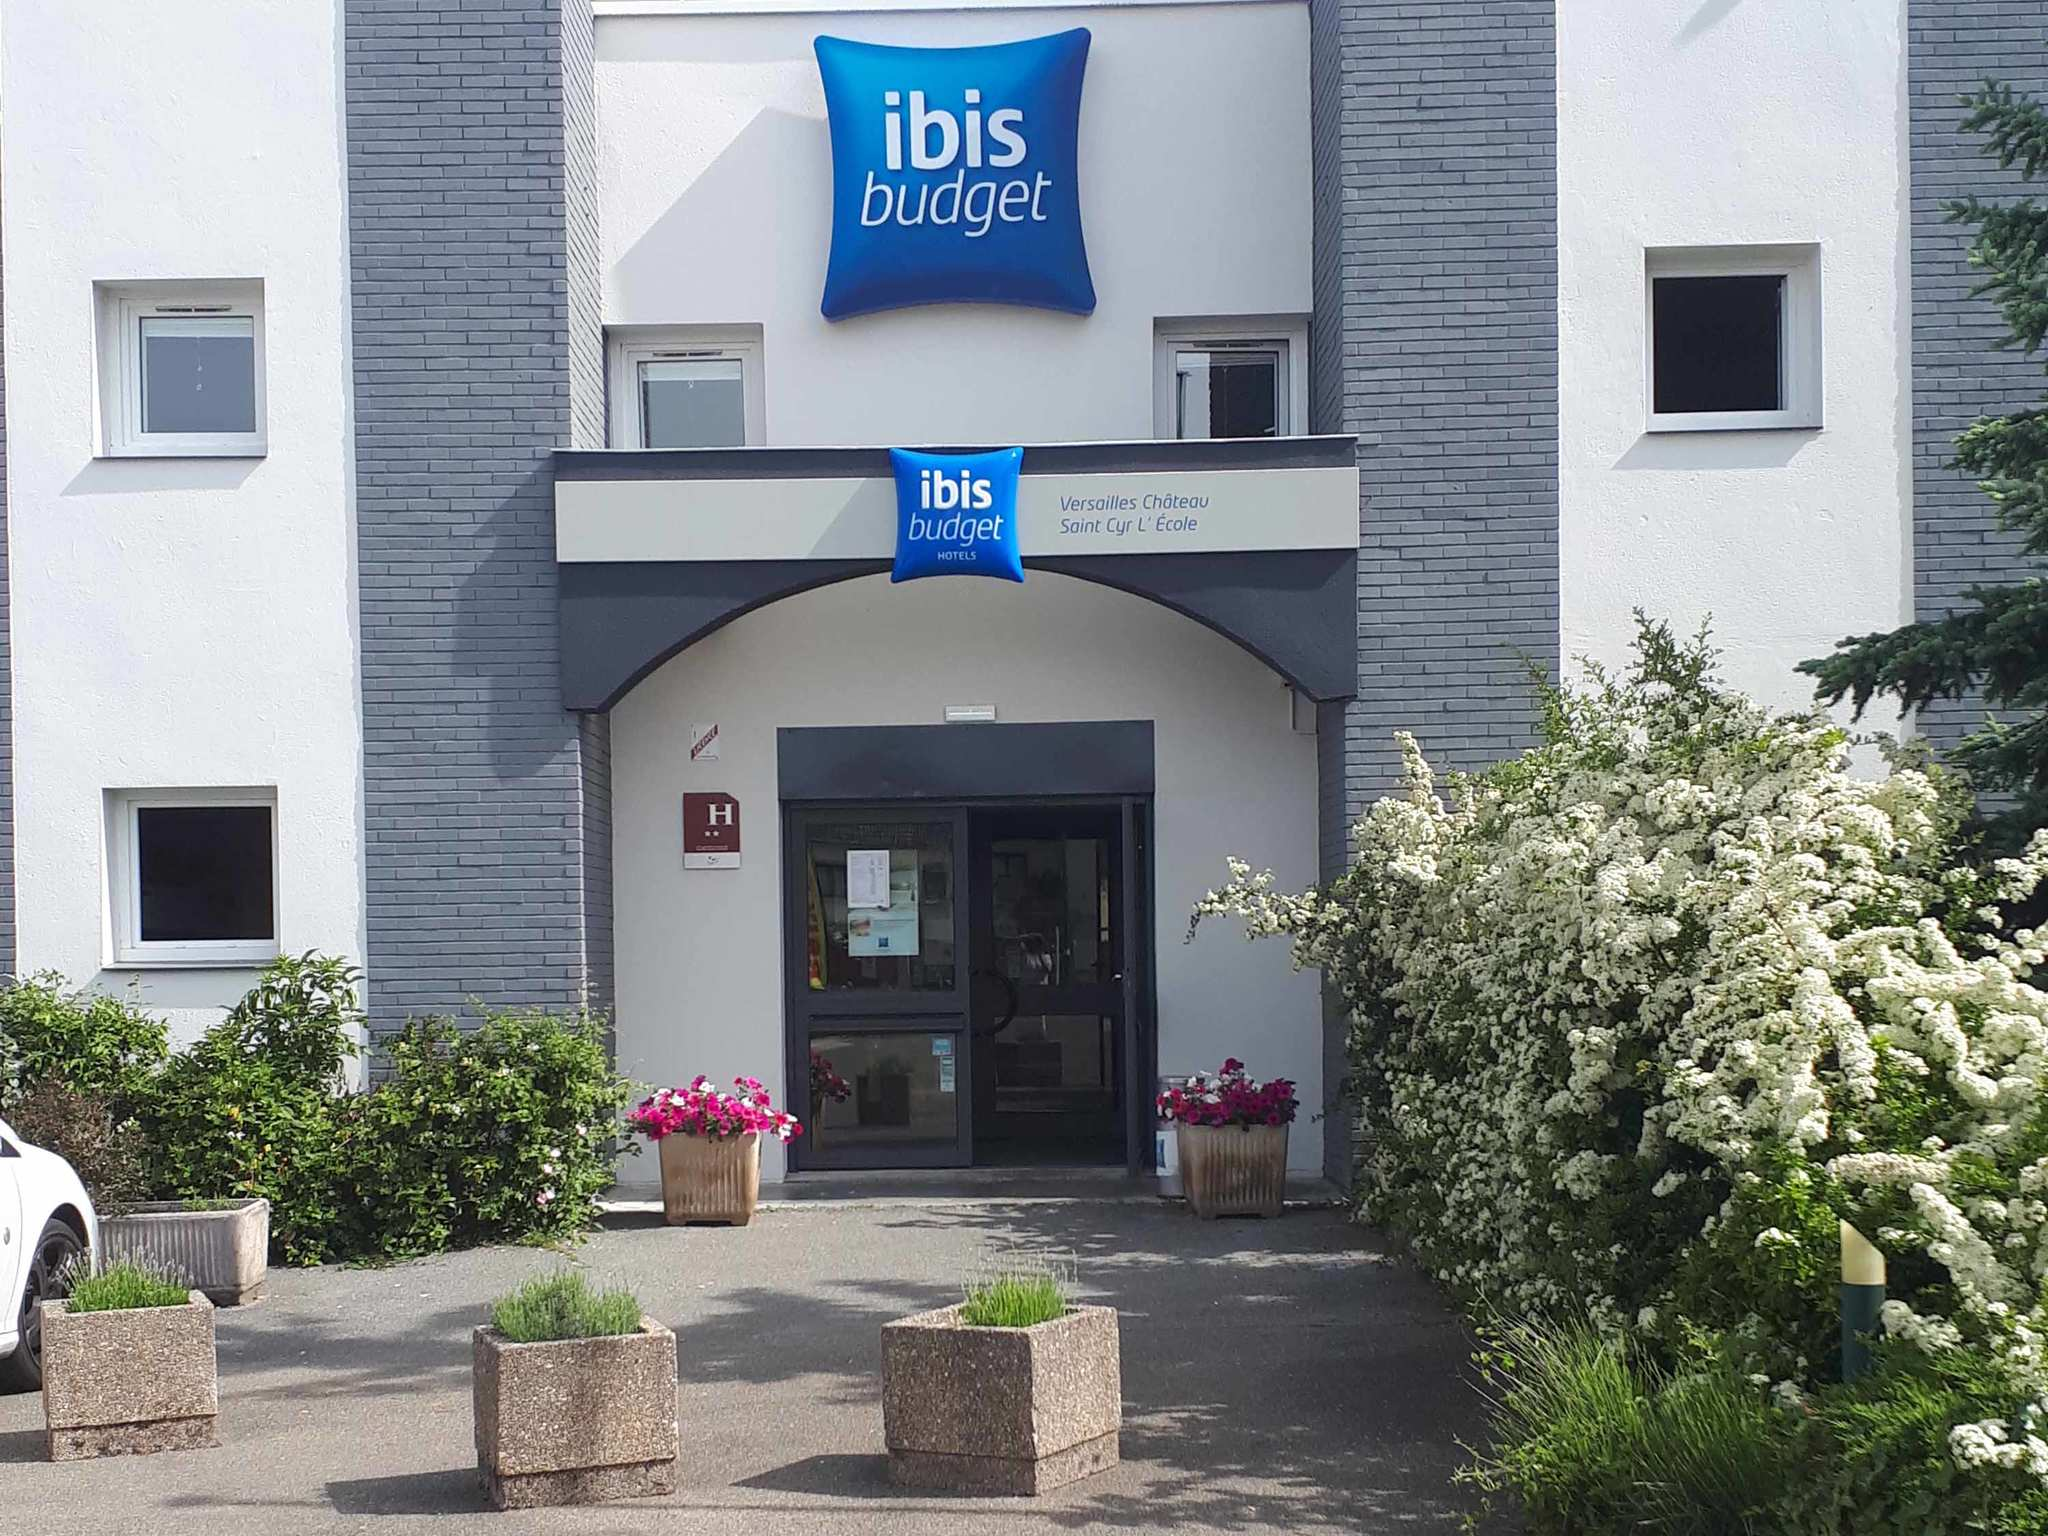 Hotel - ibis budget Versailles Château Saint Cyr